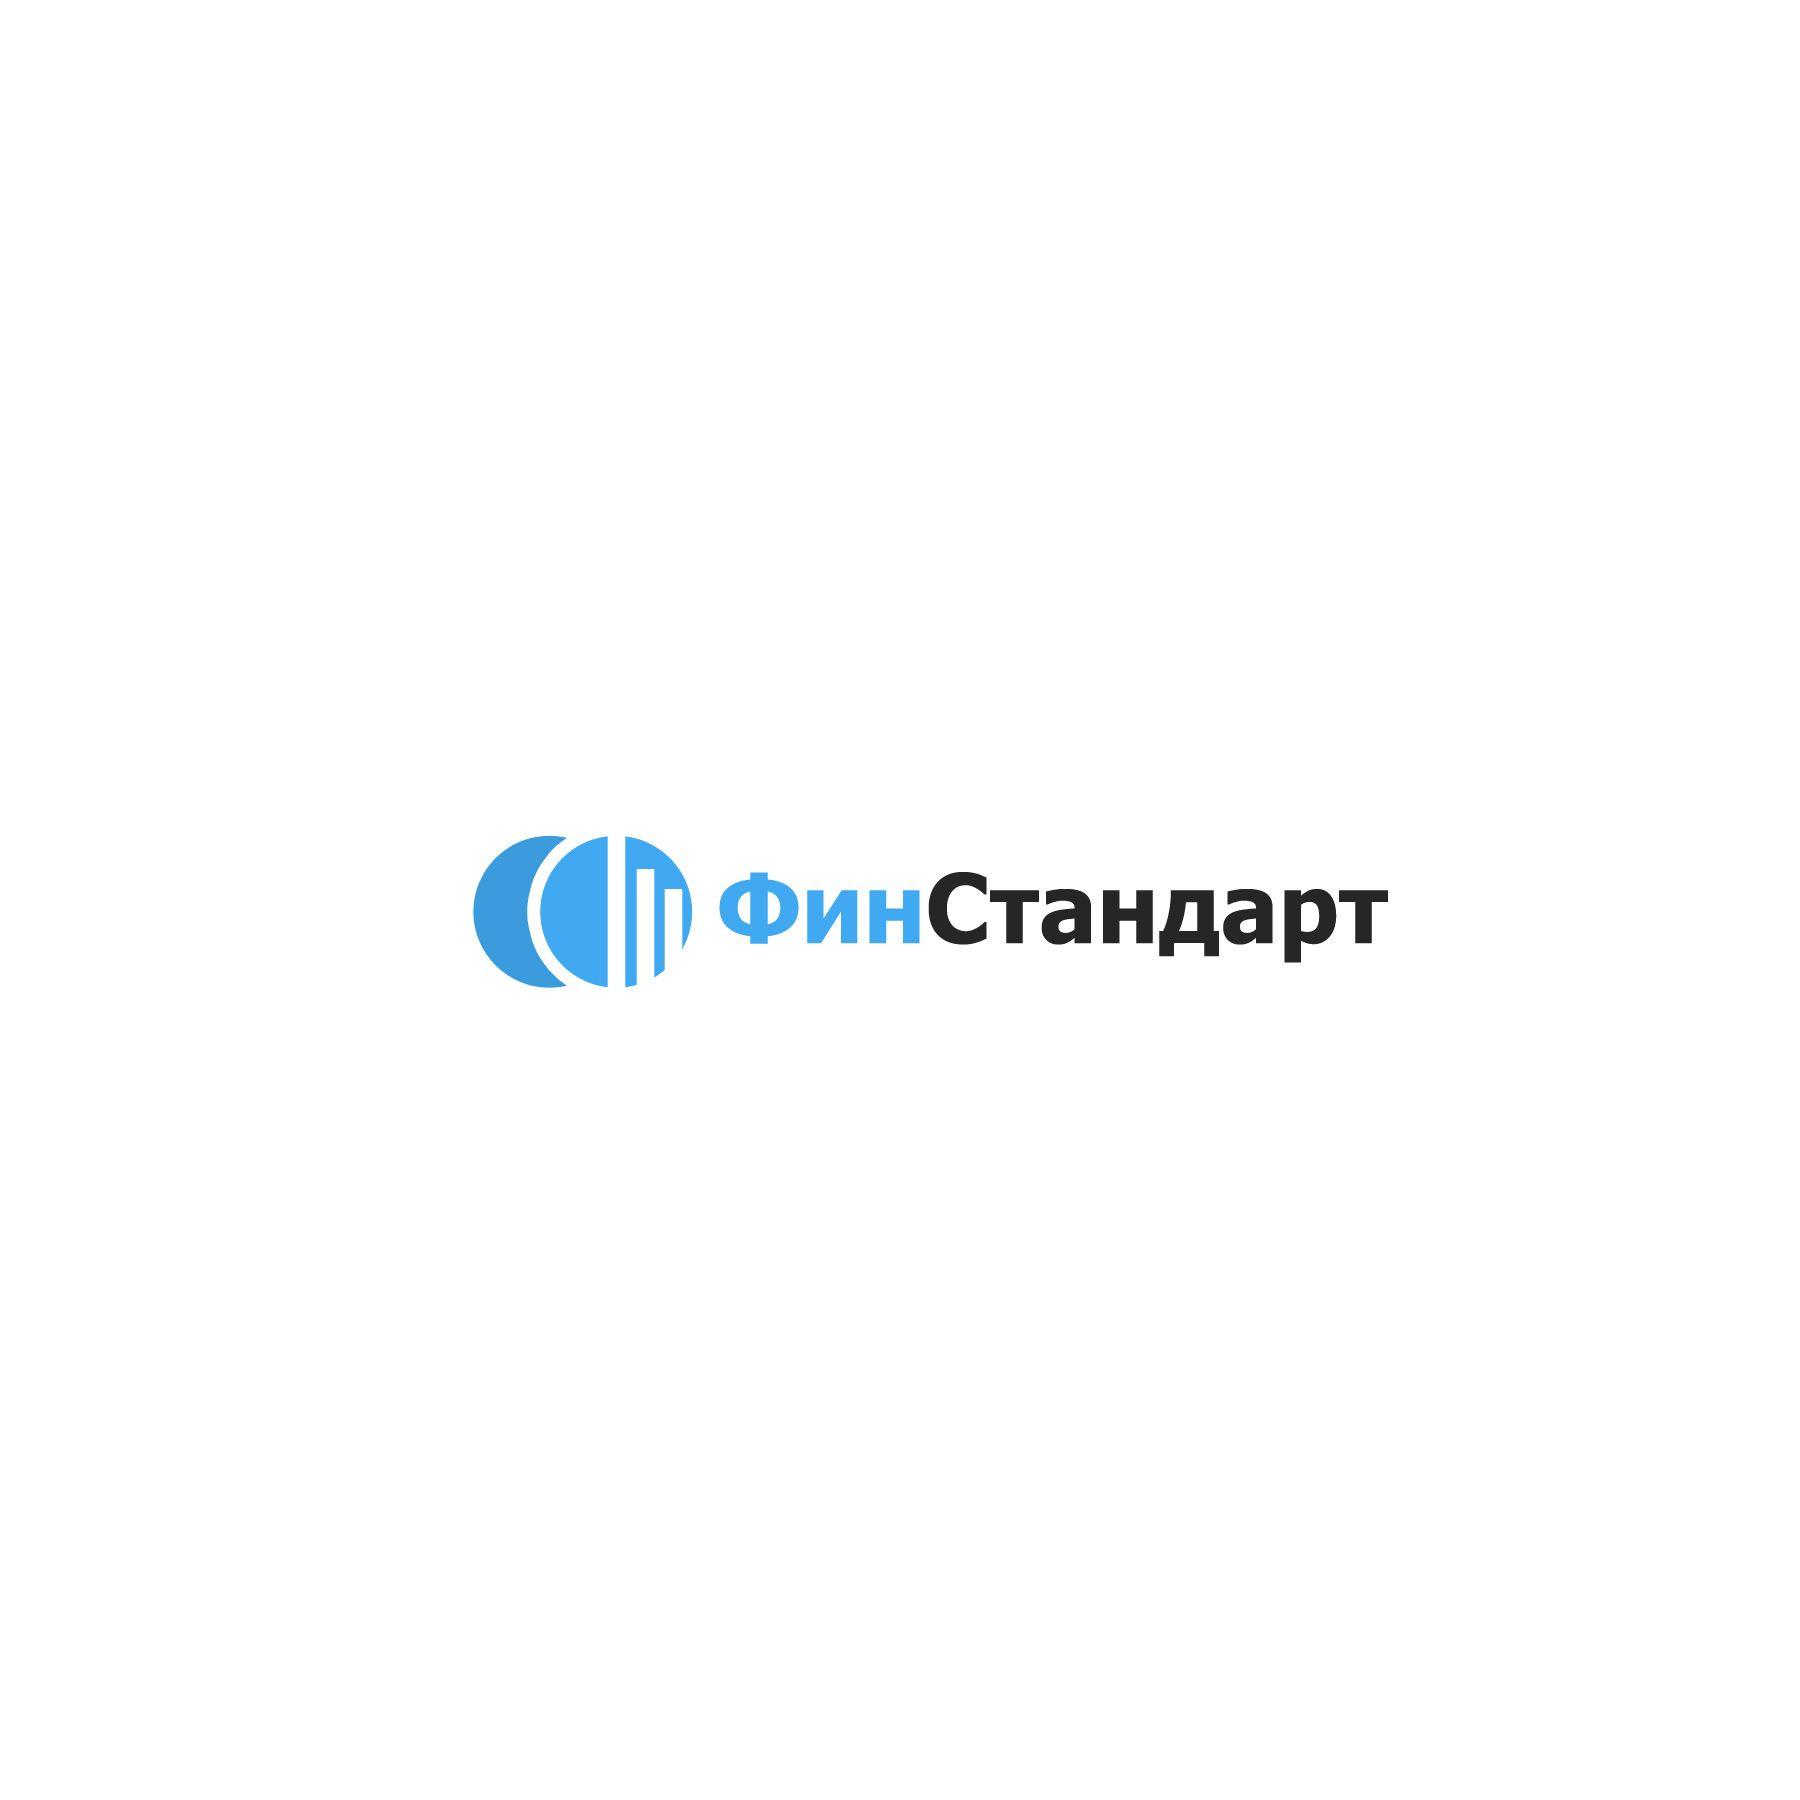 Лого и ФС для ФинСтандарт - дизайнер weste32